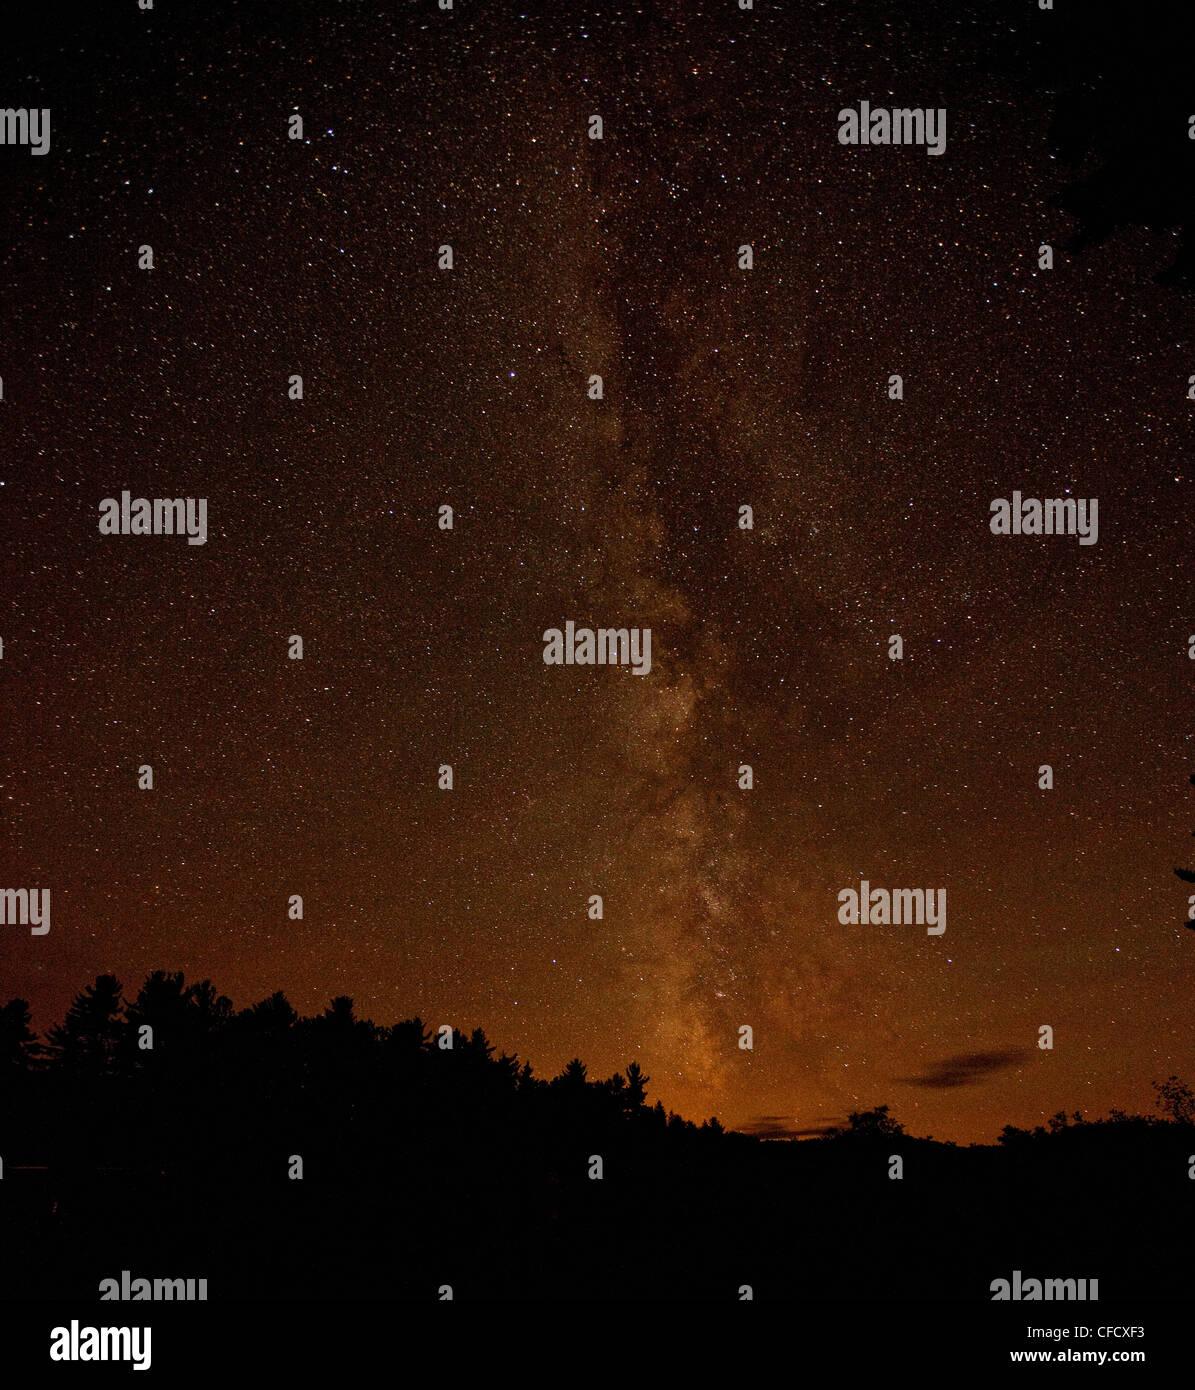 Voie lactée dans le ciel au-dessus du parc Algonquin, Ontario, Canada. Photo Stock